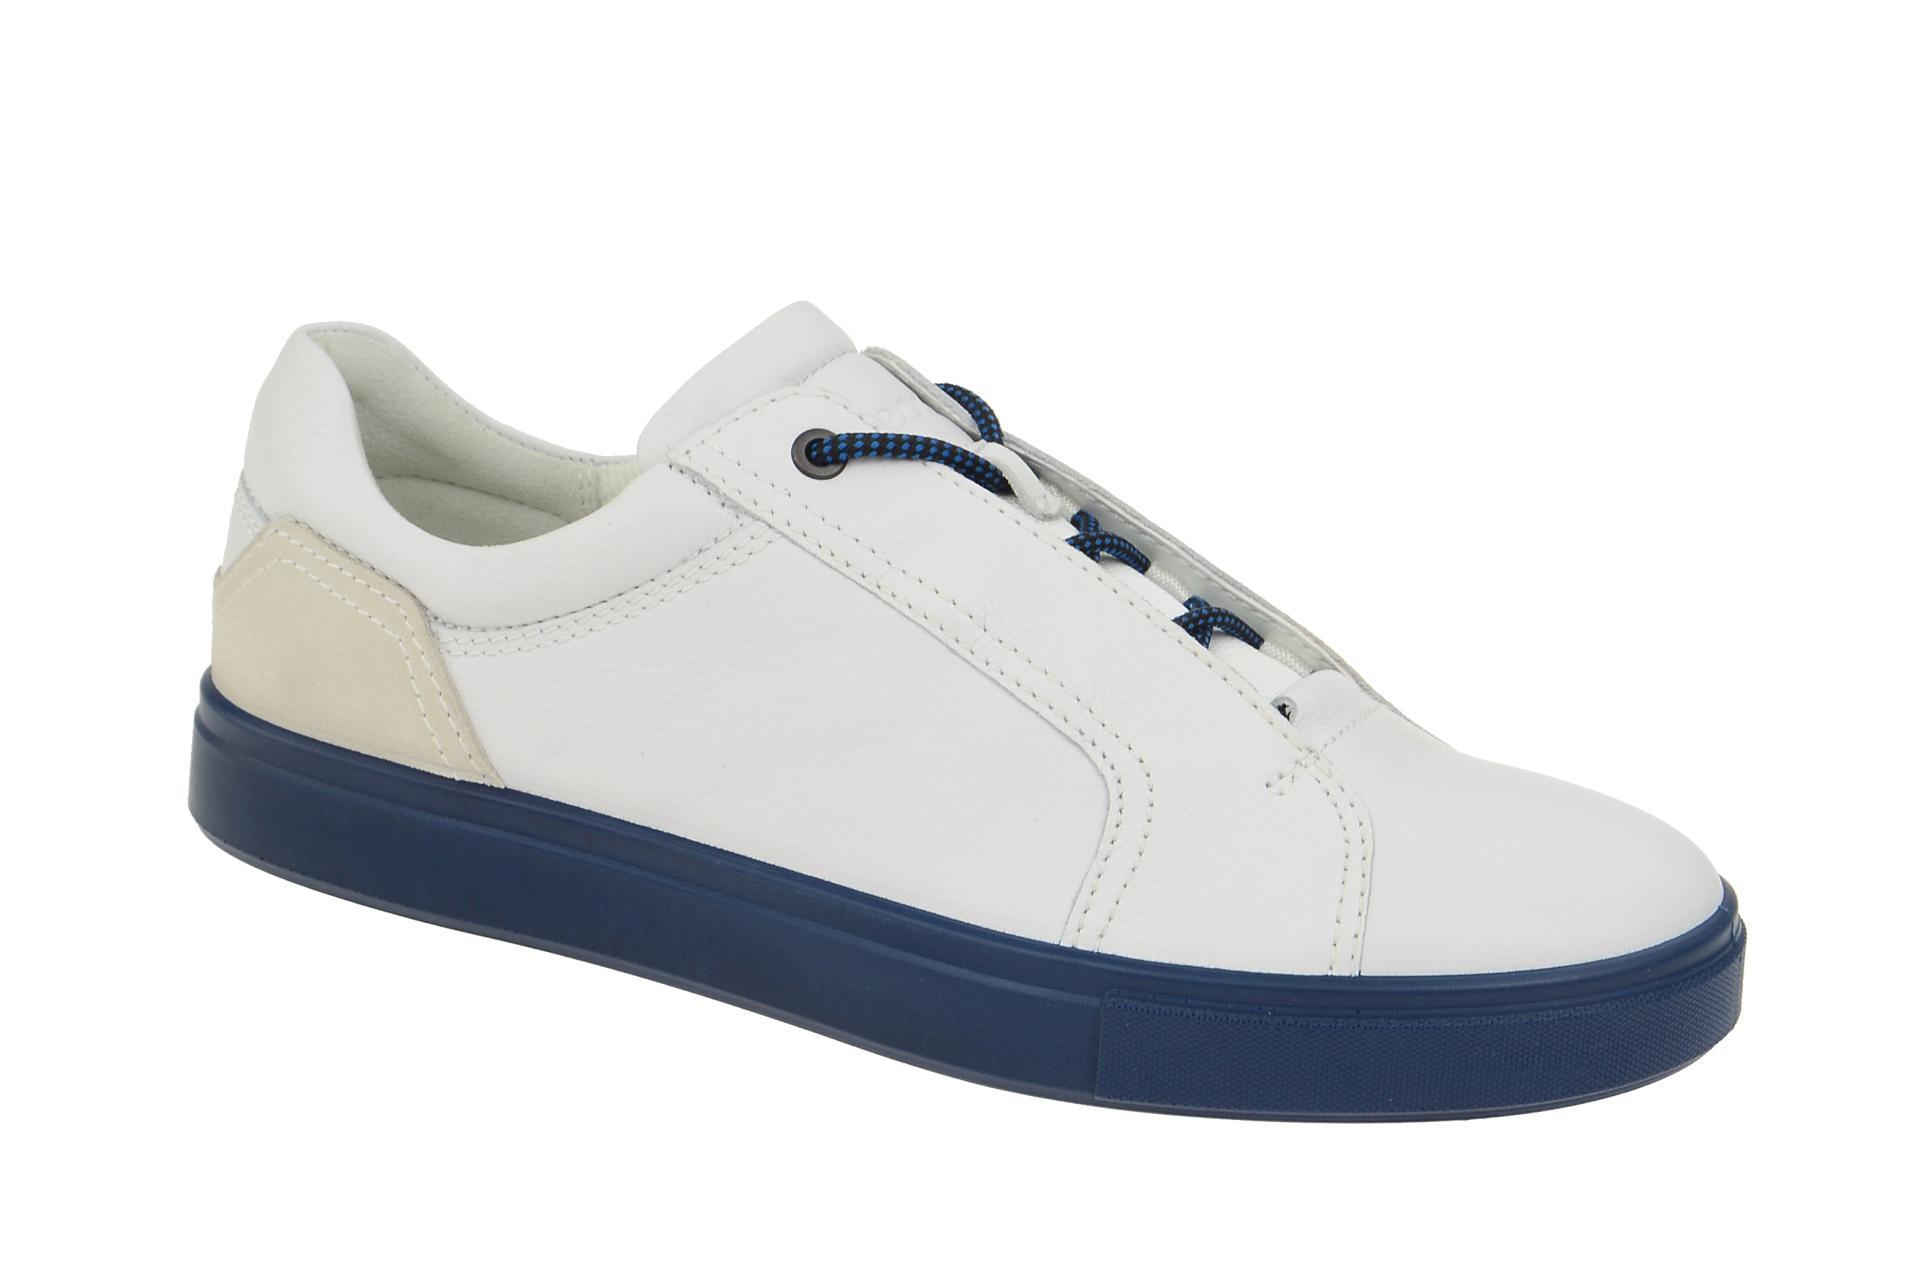 a2d05931bcf1d3 Ecco Kyle Schuhe weiß Sneaker - Schuhhaus Strauch Shop